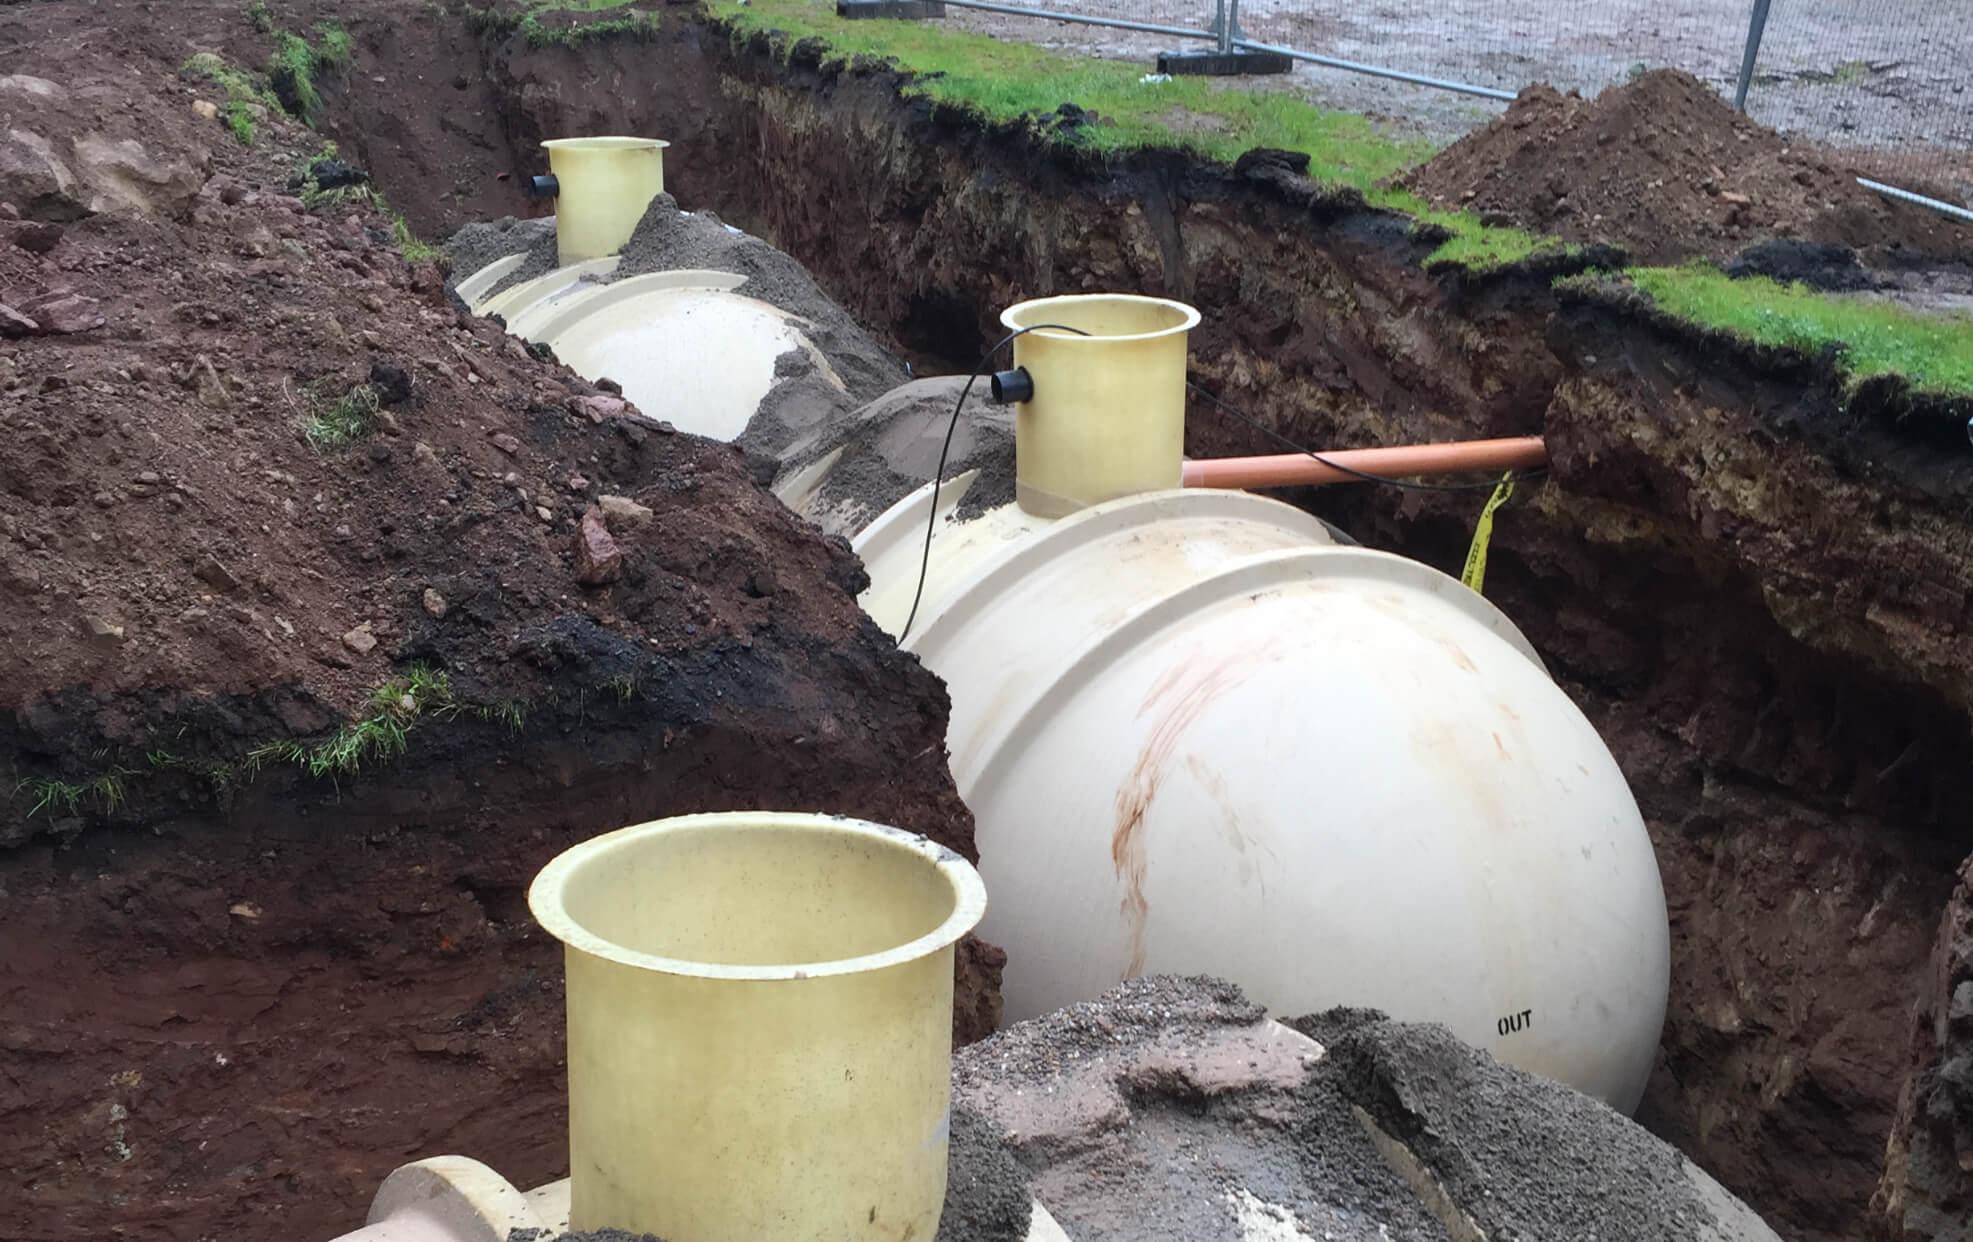 Large sewage tanks underground